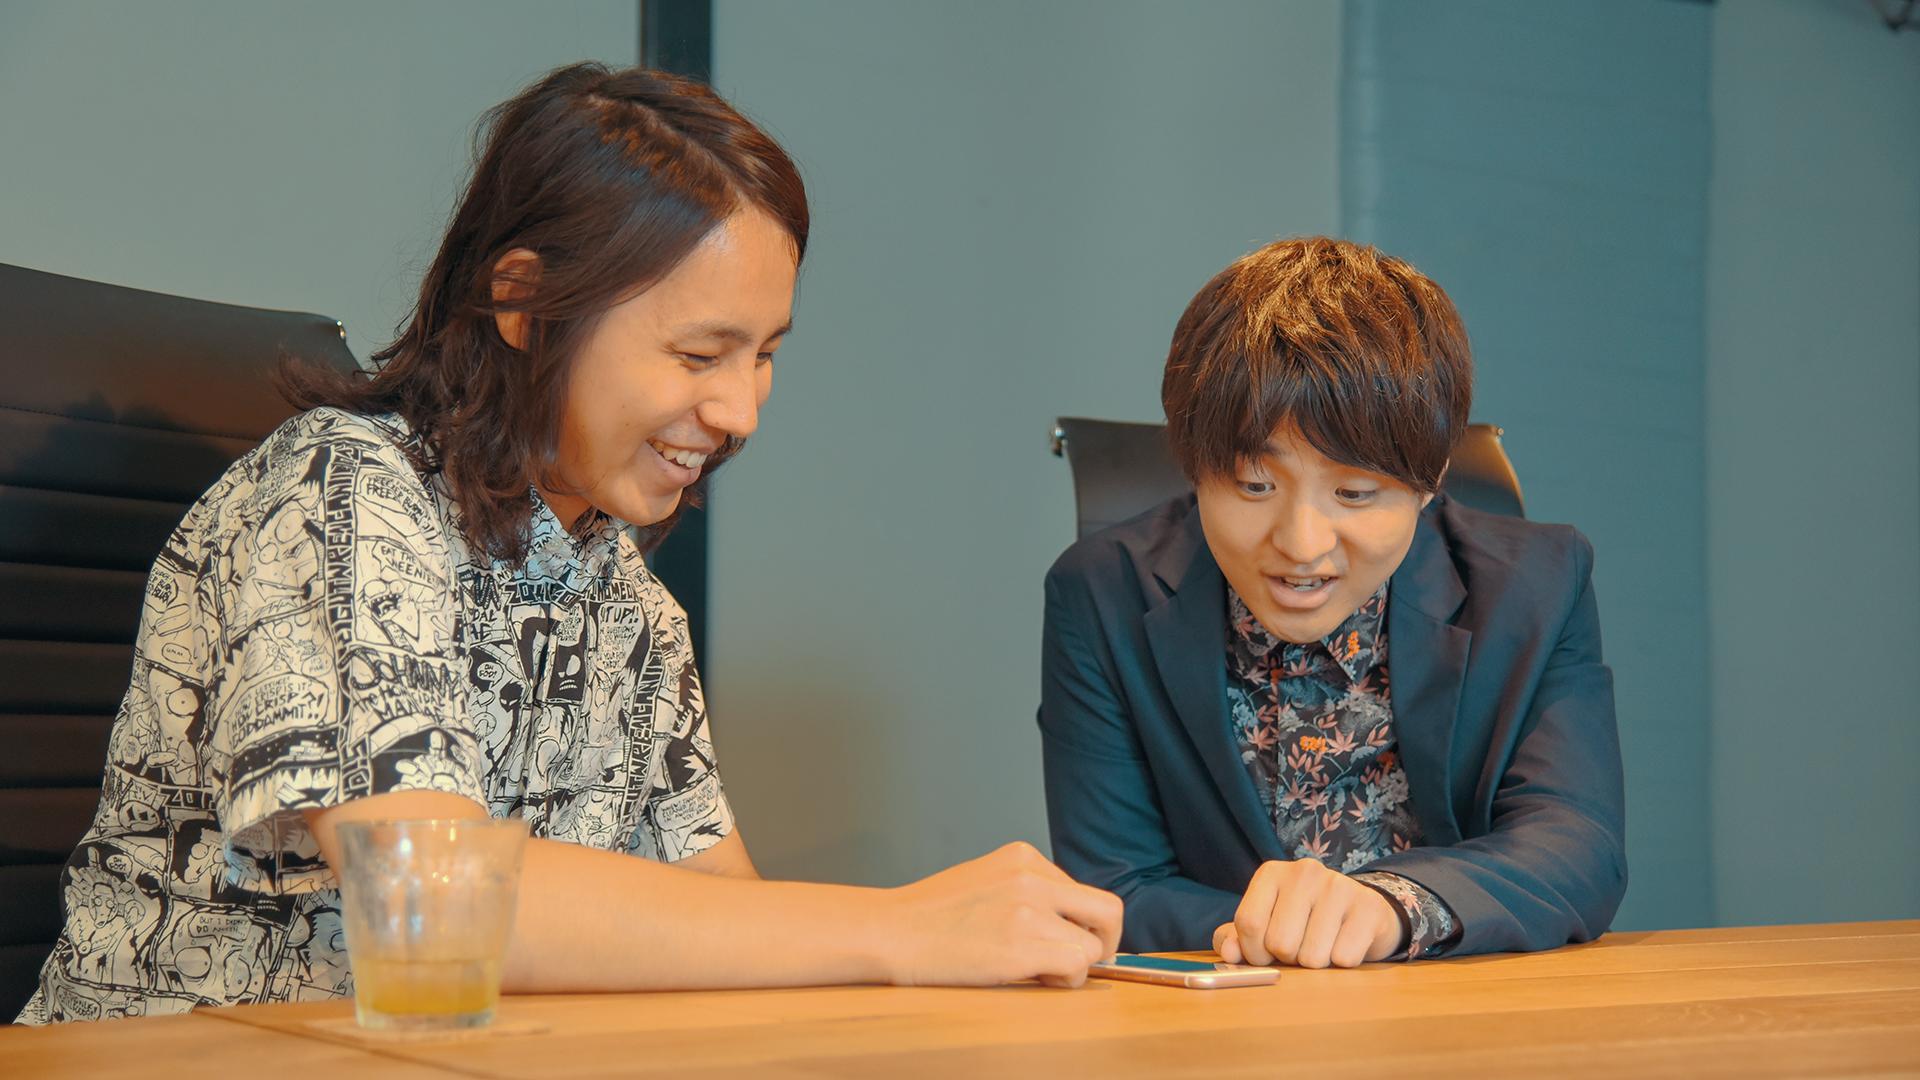 [特別企画]横田誓哉×藤原聡 2019.08.08『SNS質問募集編』